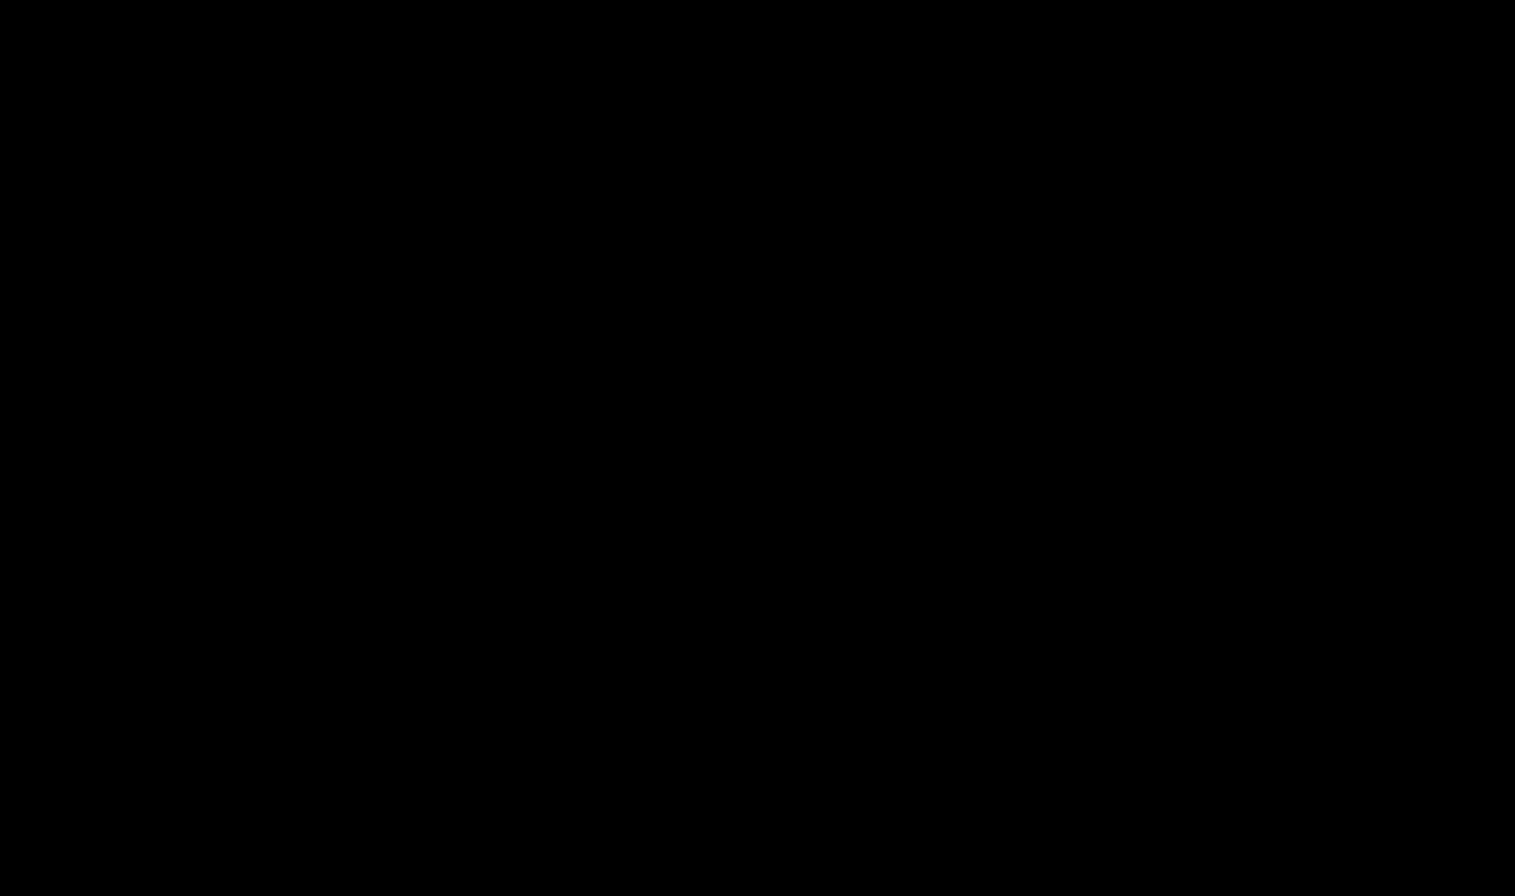 Fmoc-amido-dPEG®₂₄-amido-dPEG®₂₄-acid